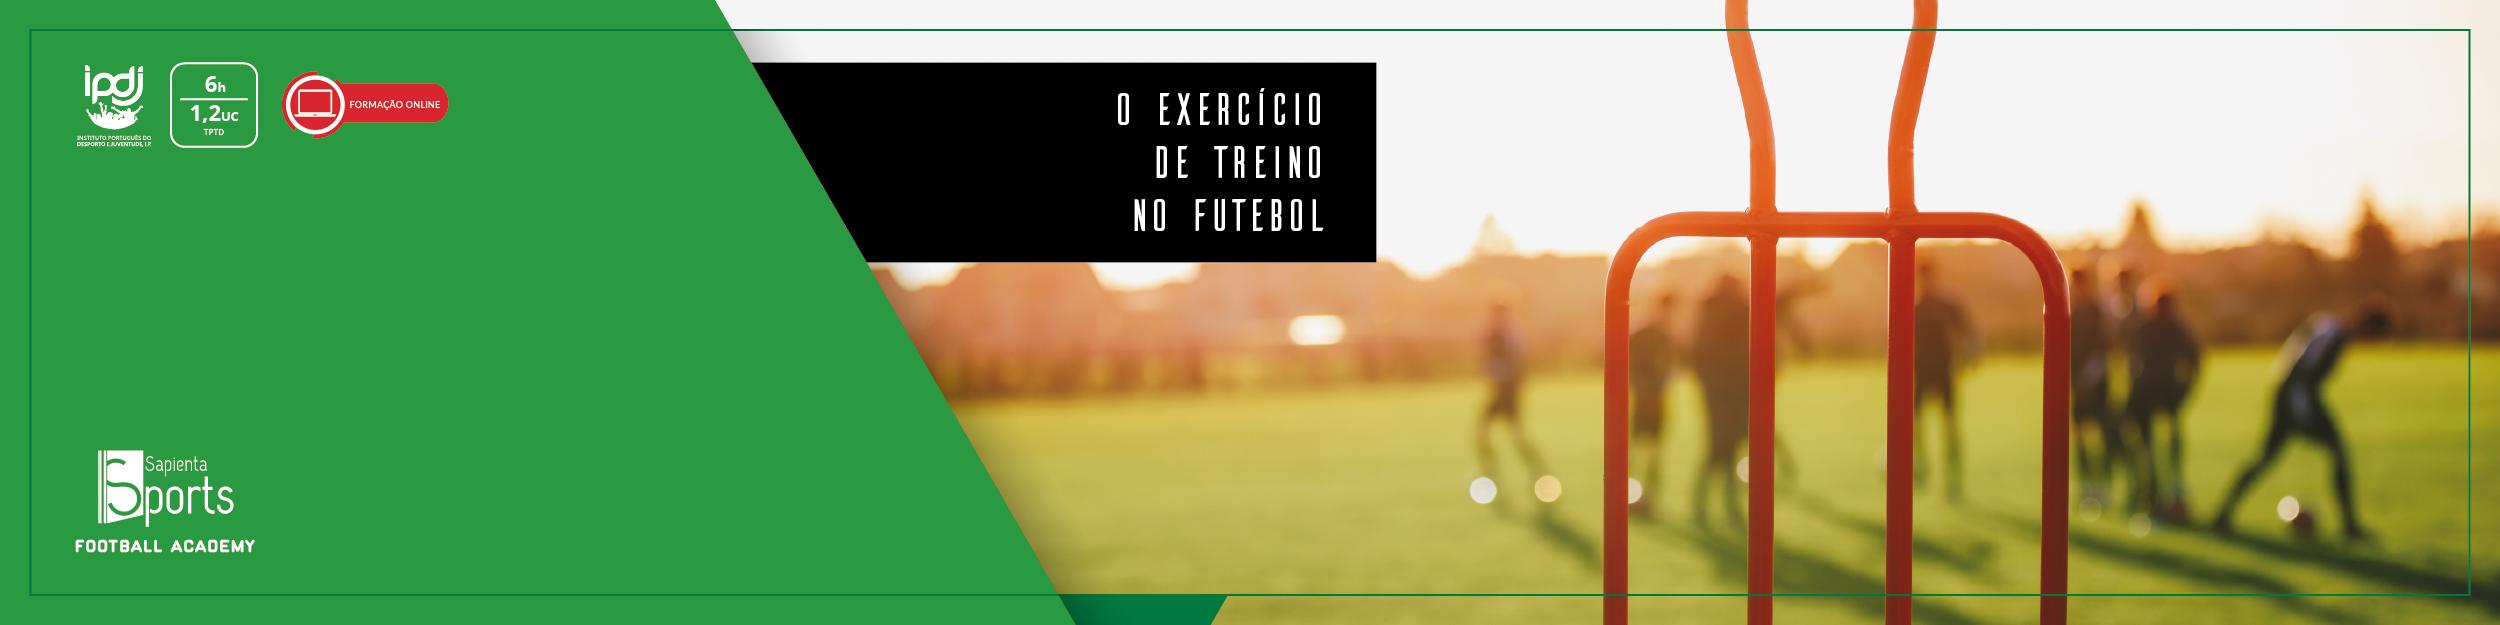 O Exercício de Treino no Futebol